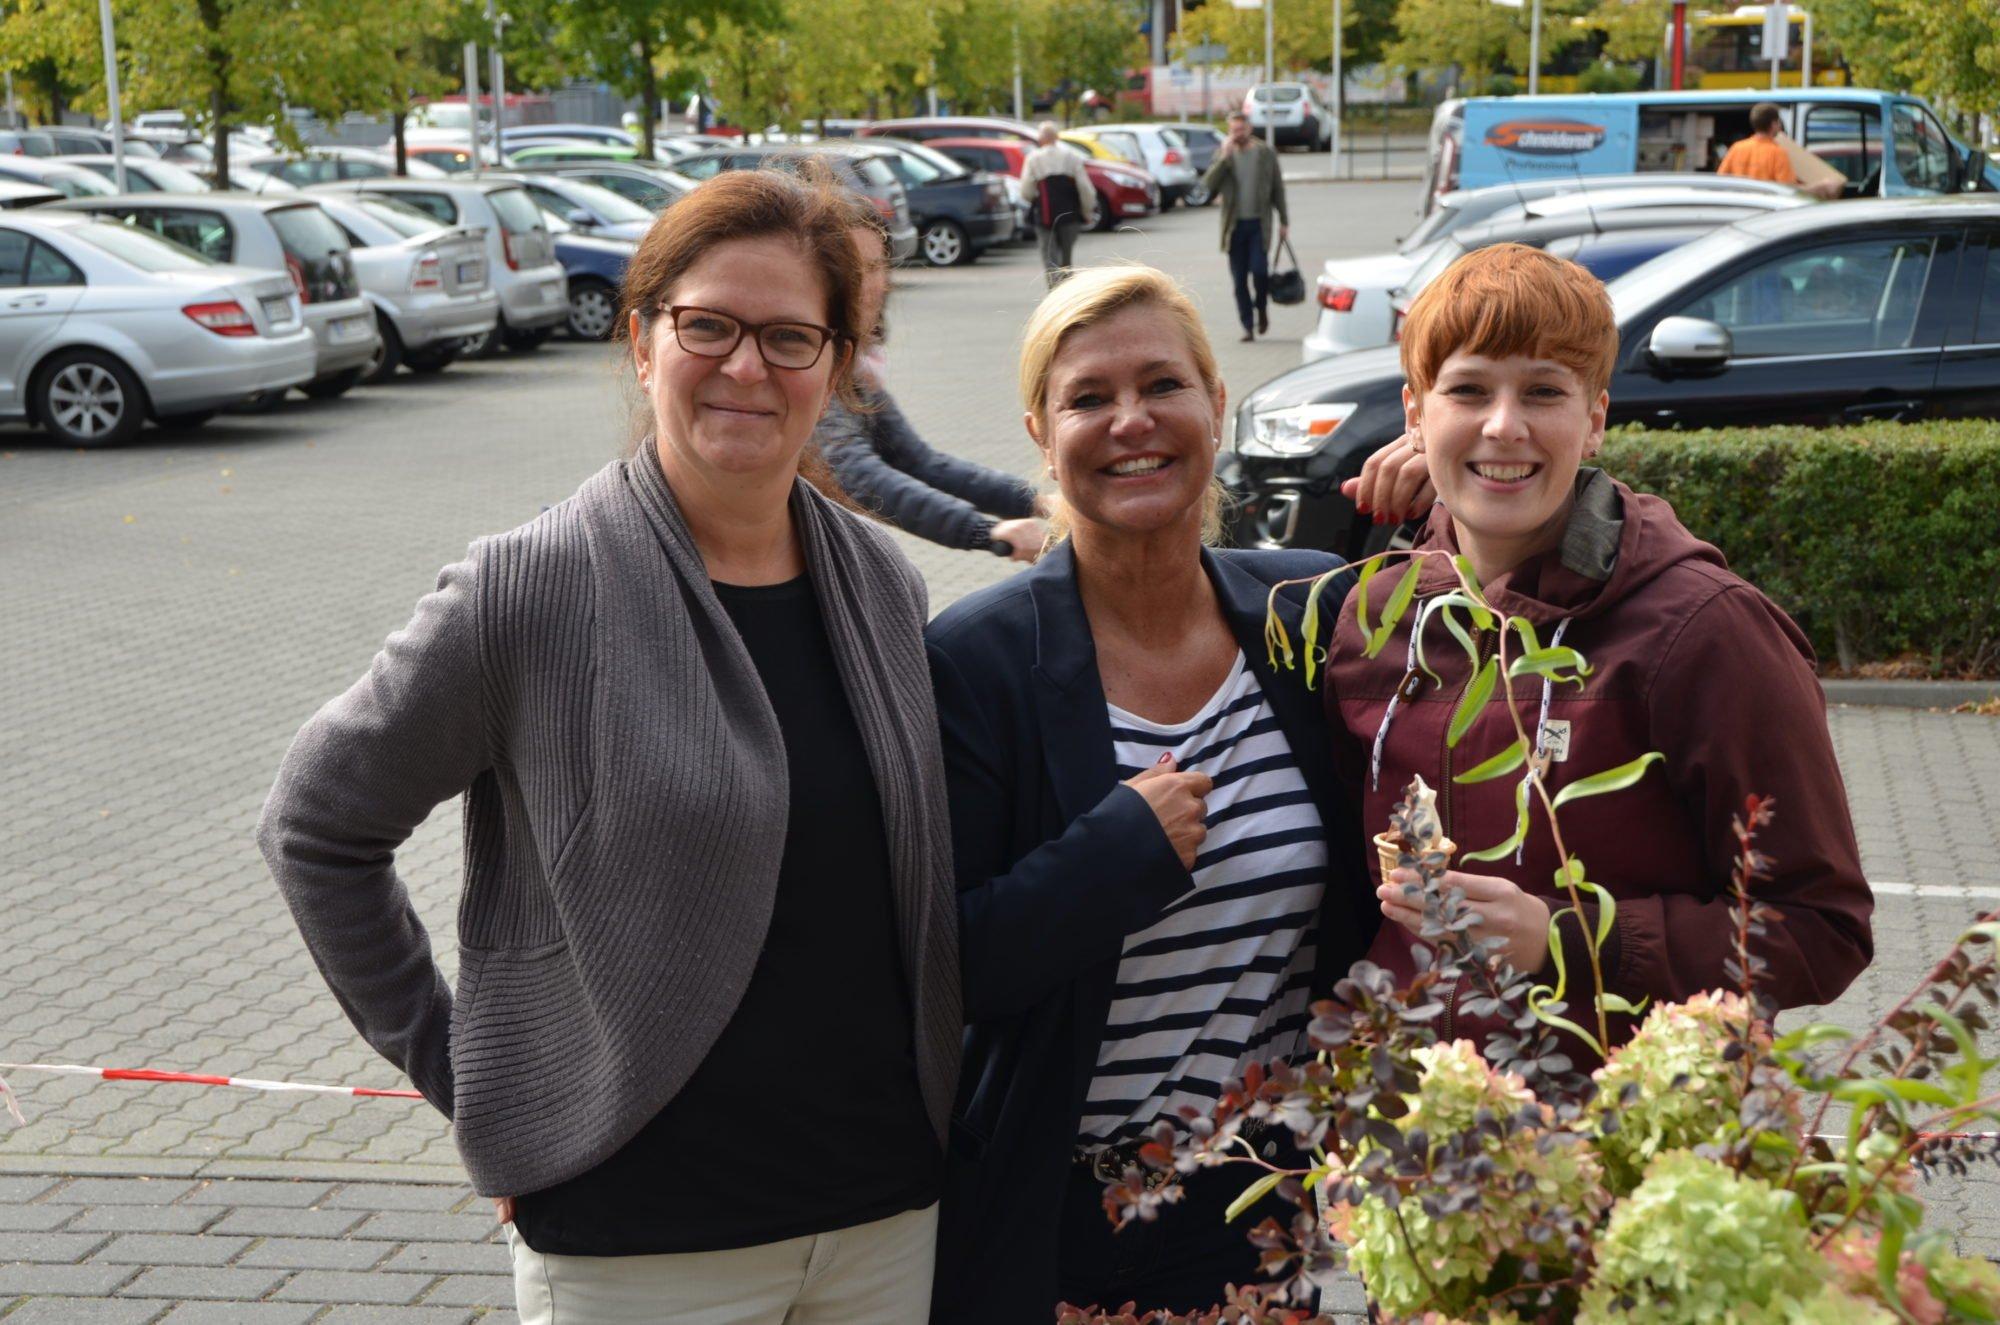 Drei Frauen nehmen sich gegegenseitig in den Arm und lächeln Richtung Kamera. IM Hintergrund ein belebter Parkplatz eines Einkaufscenters.